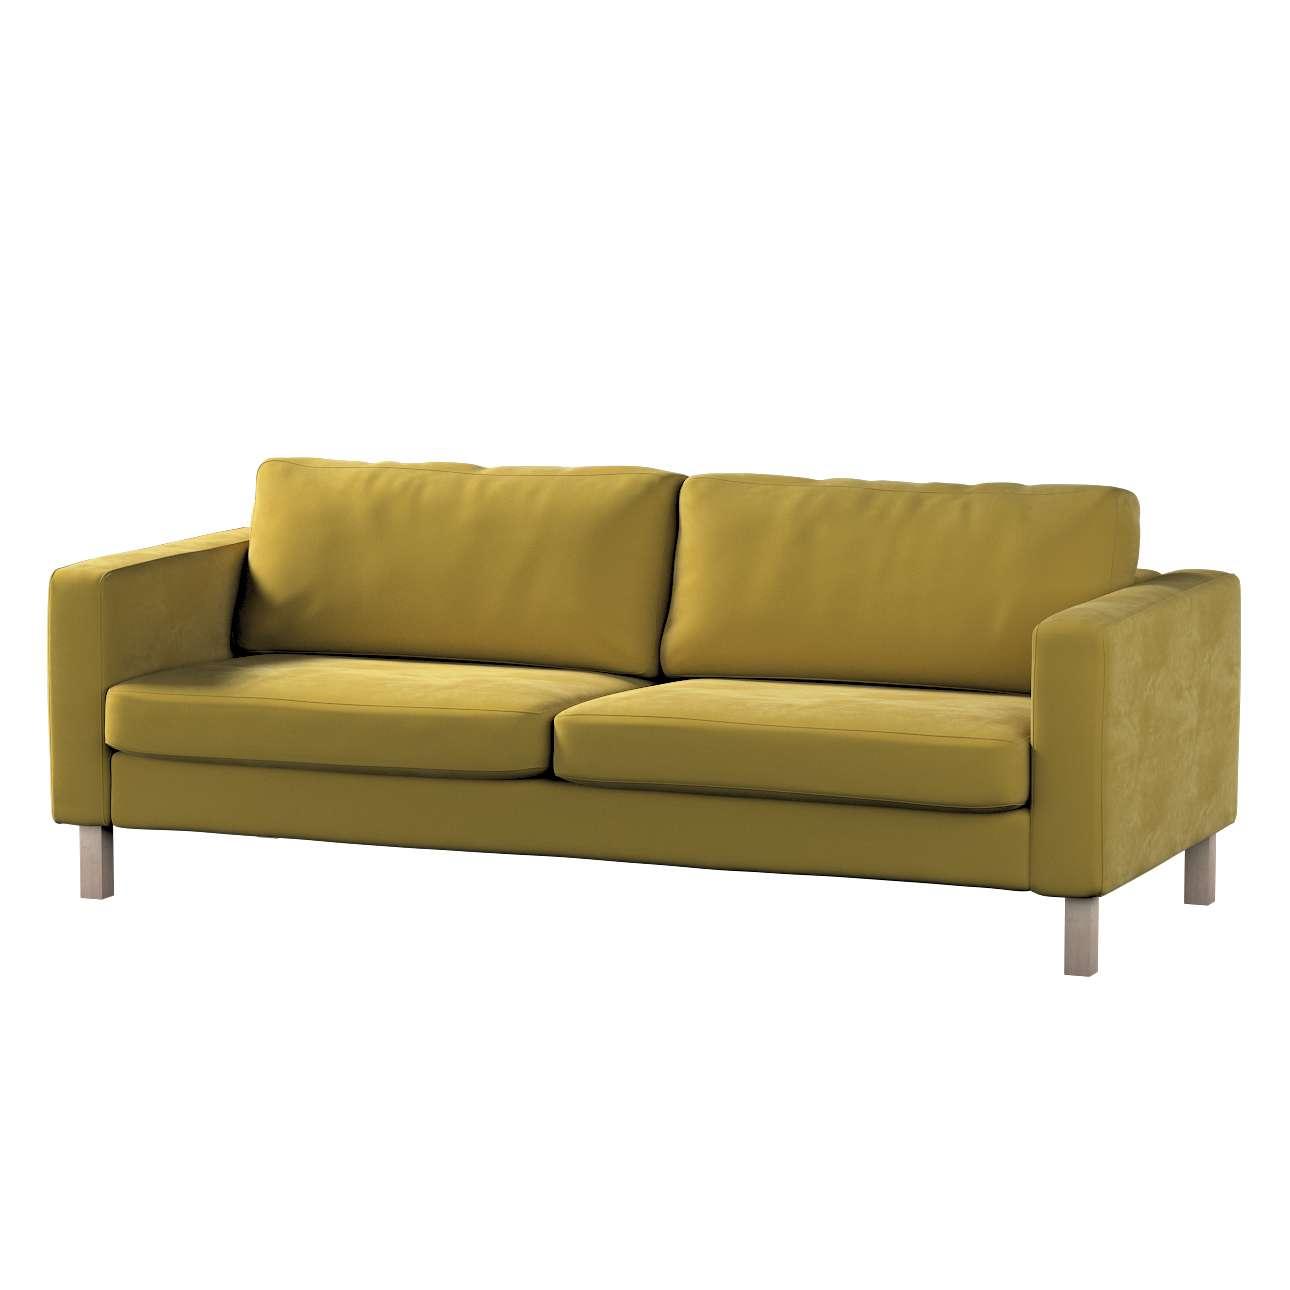 Potah na pohovku IKEA Karlstad, 3-místná, rozkládací v kolekci Velvet, látka: 704-27